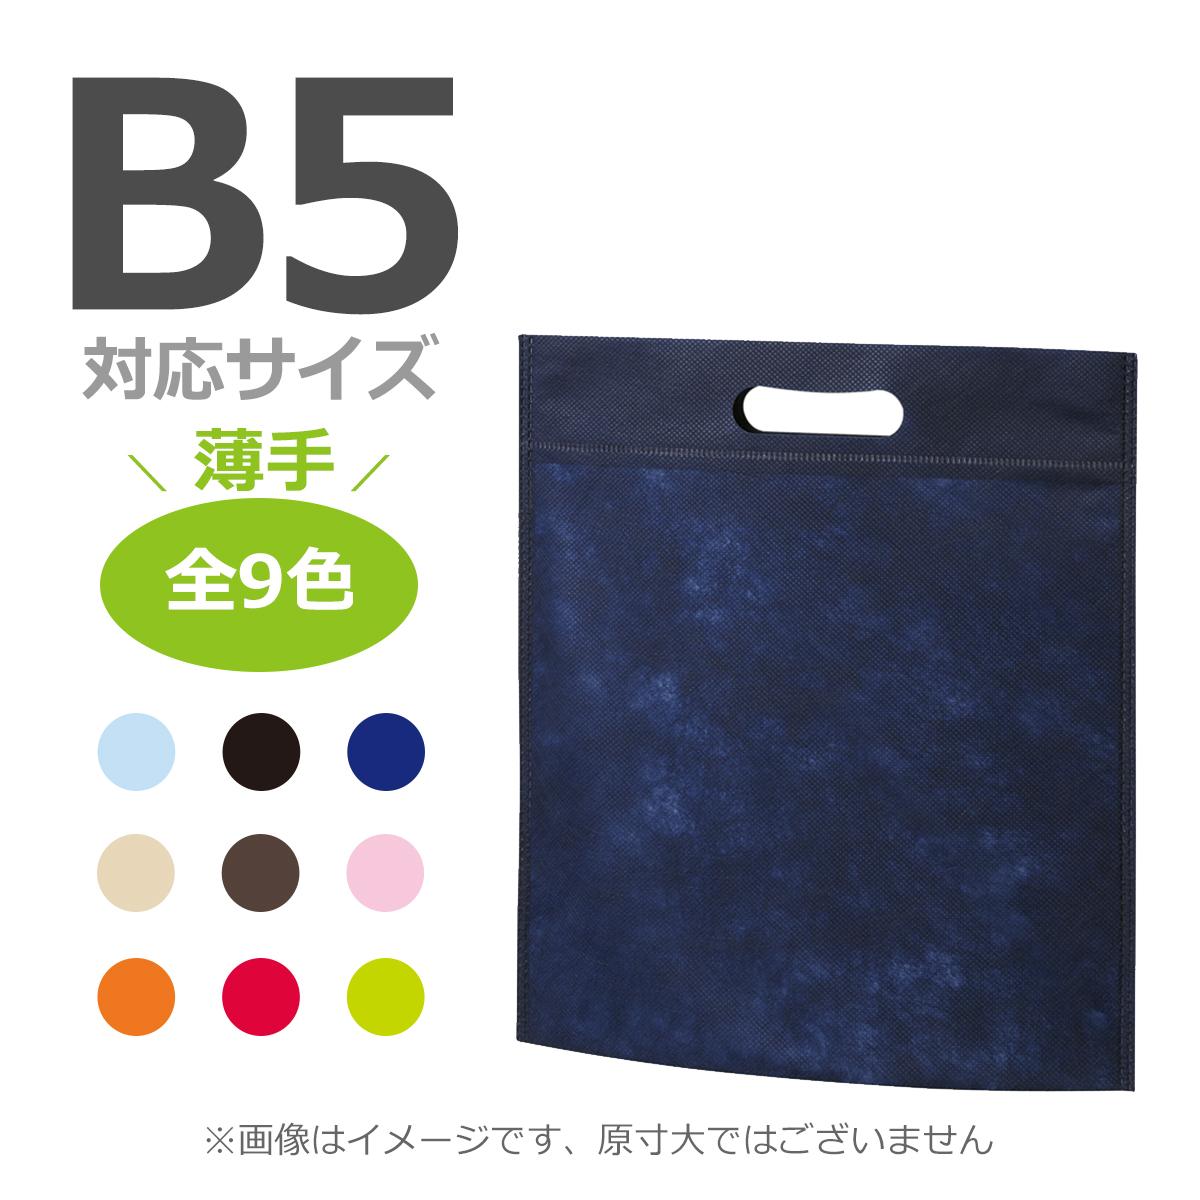 名入れ不織布袋 b5サイズ対応 アドバッグ 小判抜き マチ無しタイプ